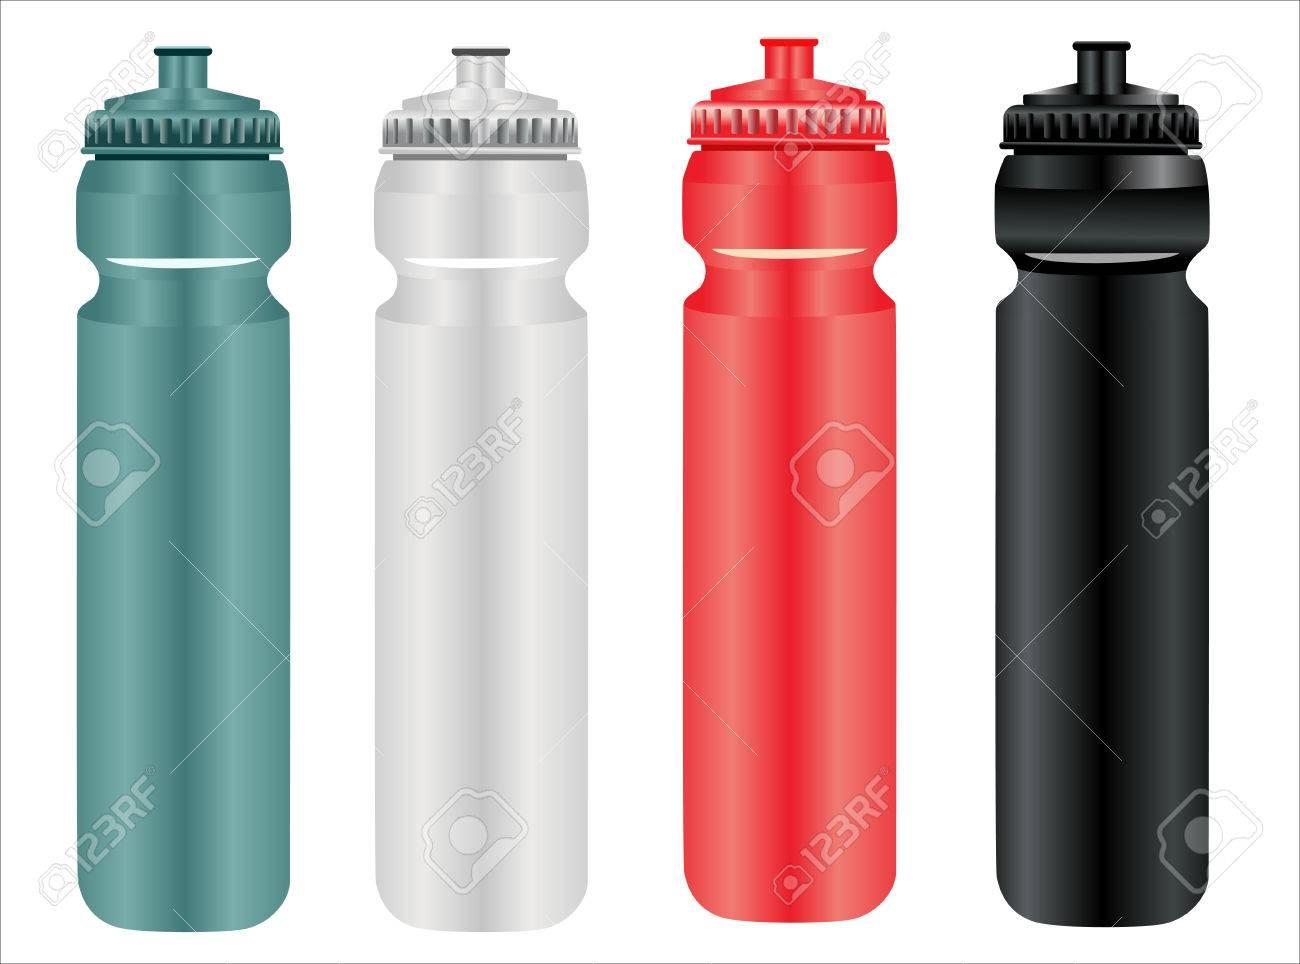 bottle for sport - 36335045